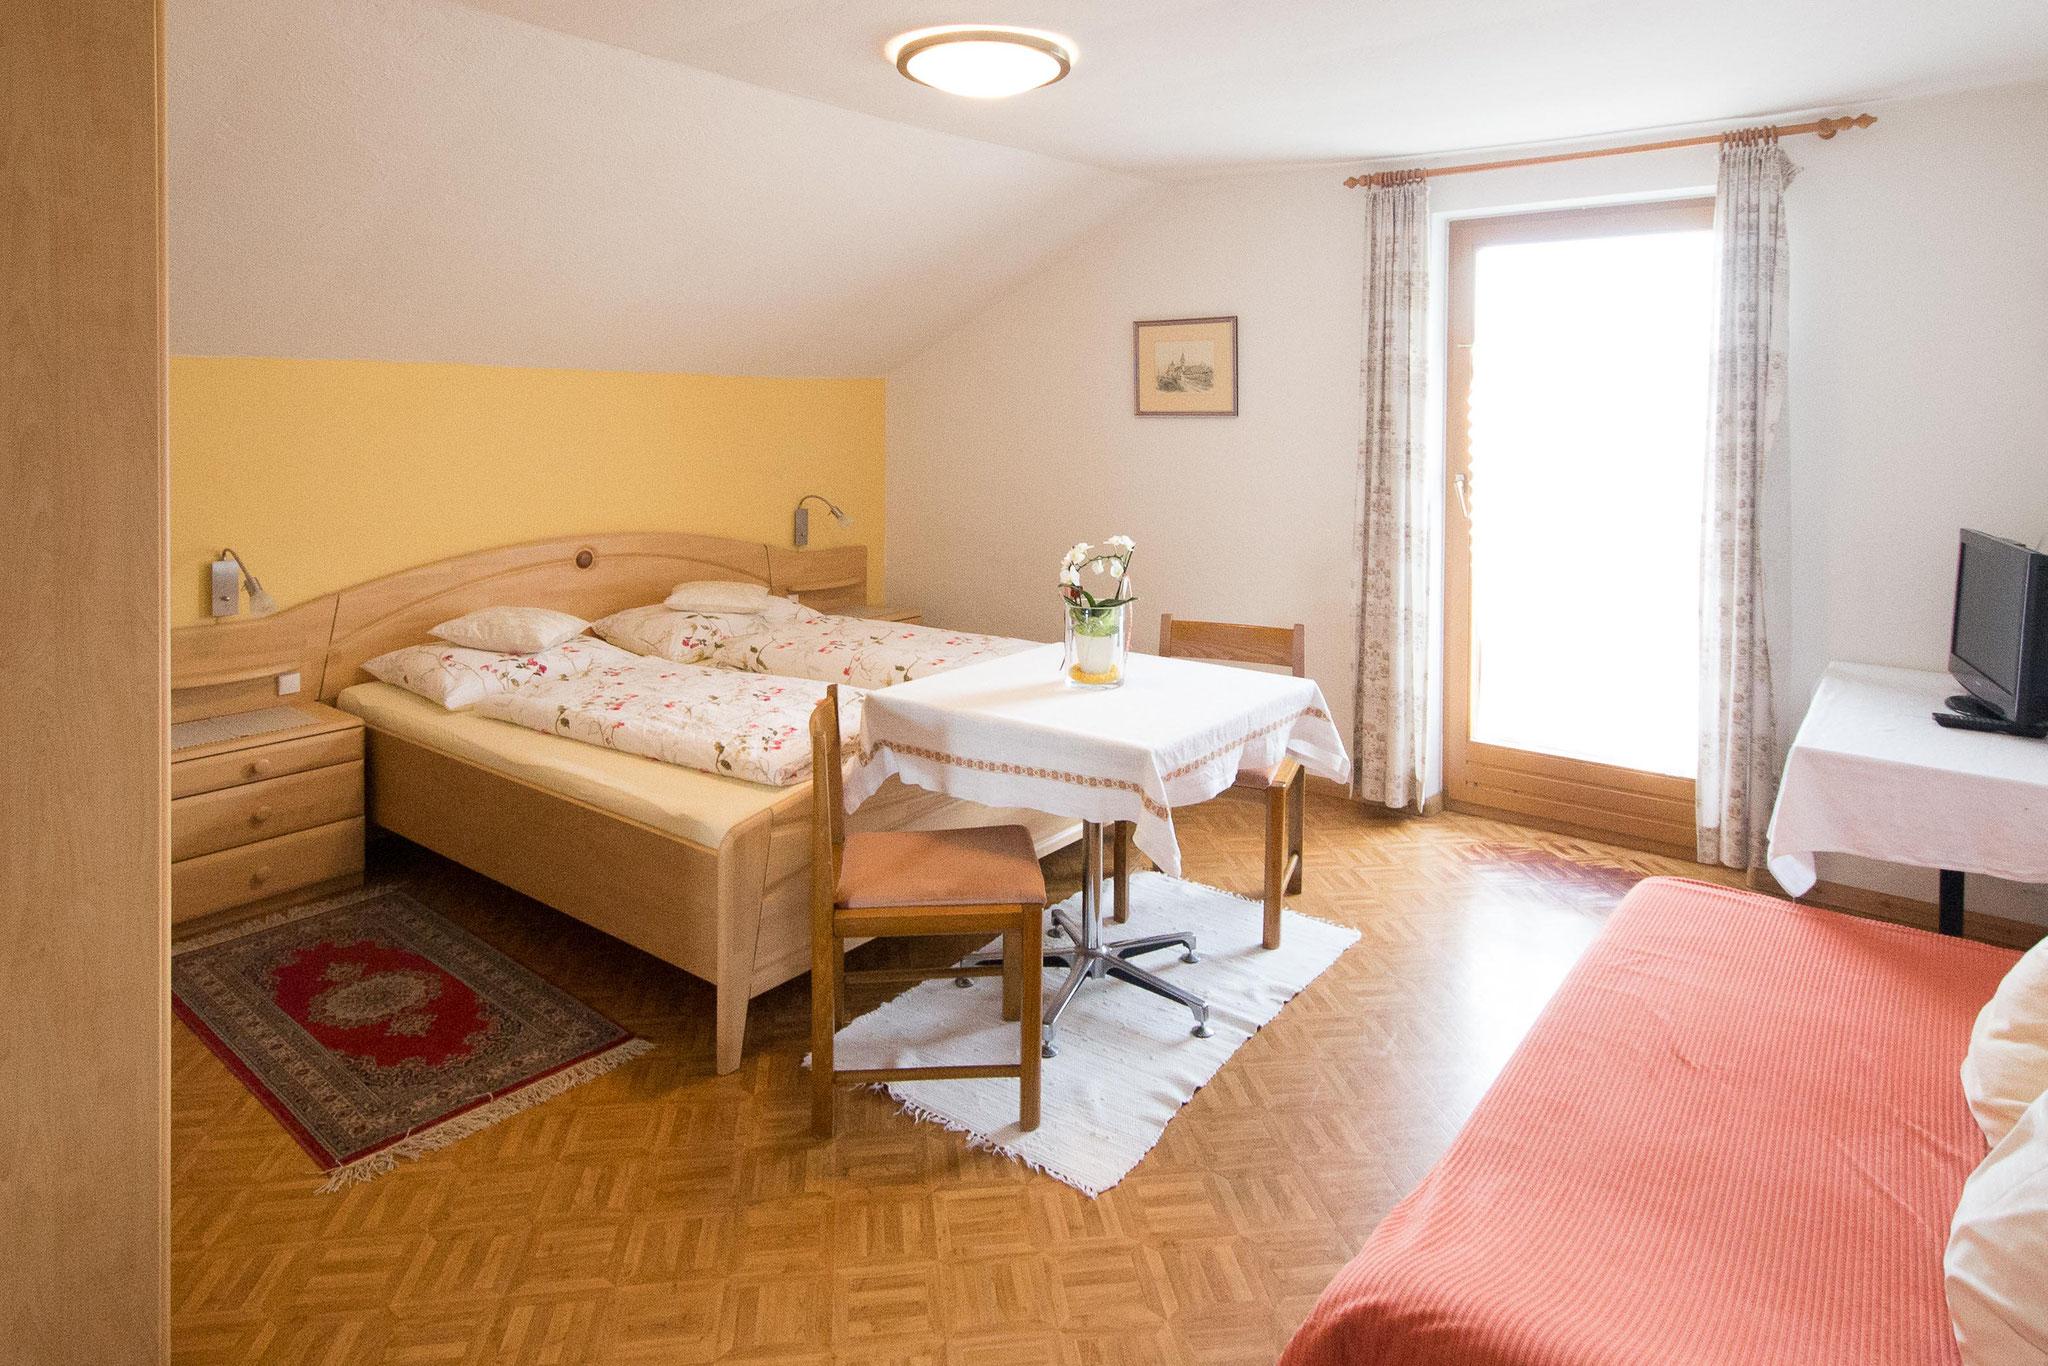 Die beiden Betten und die Schlafcouch (rechts im Bild)